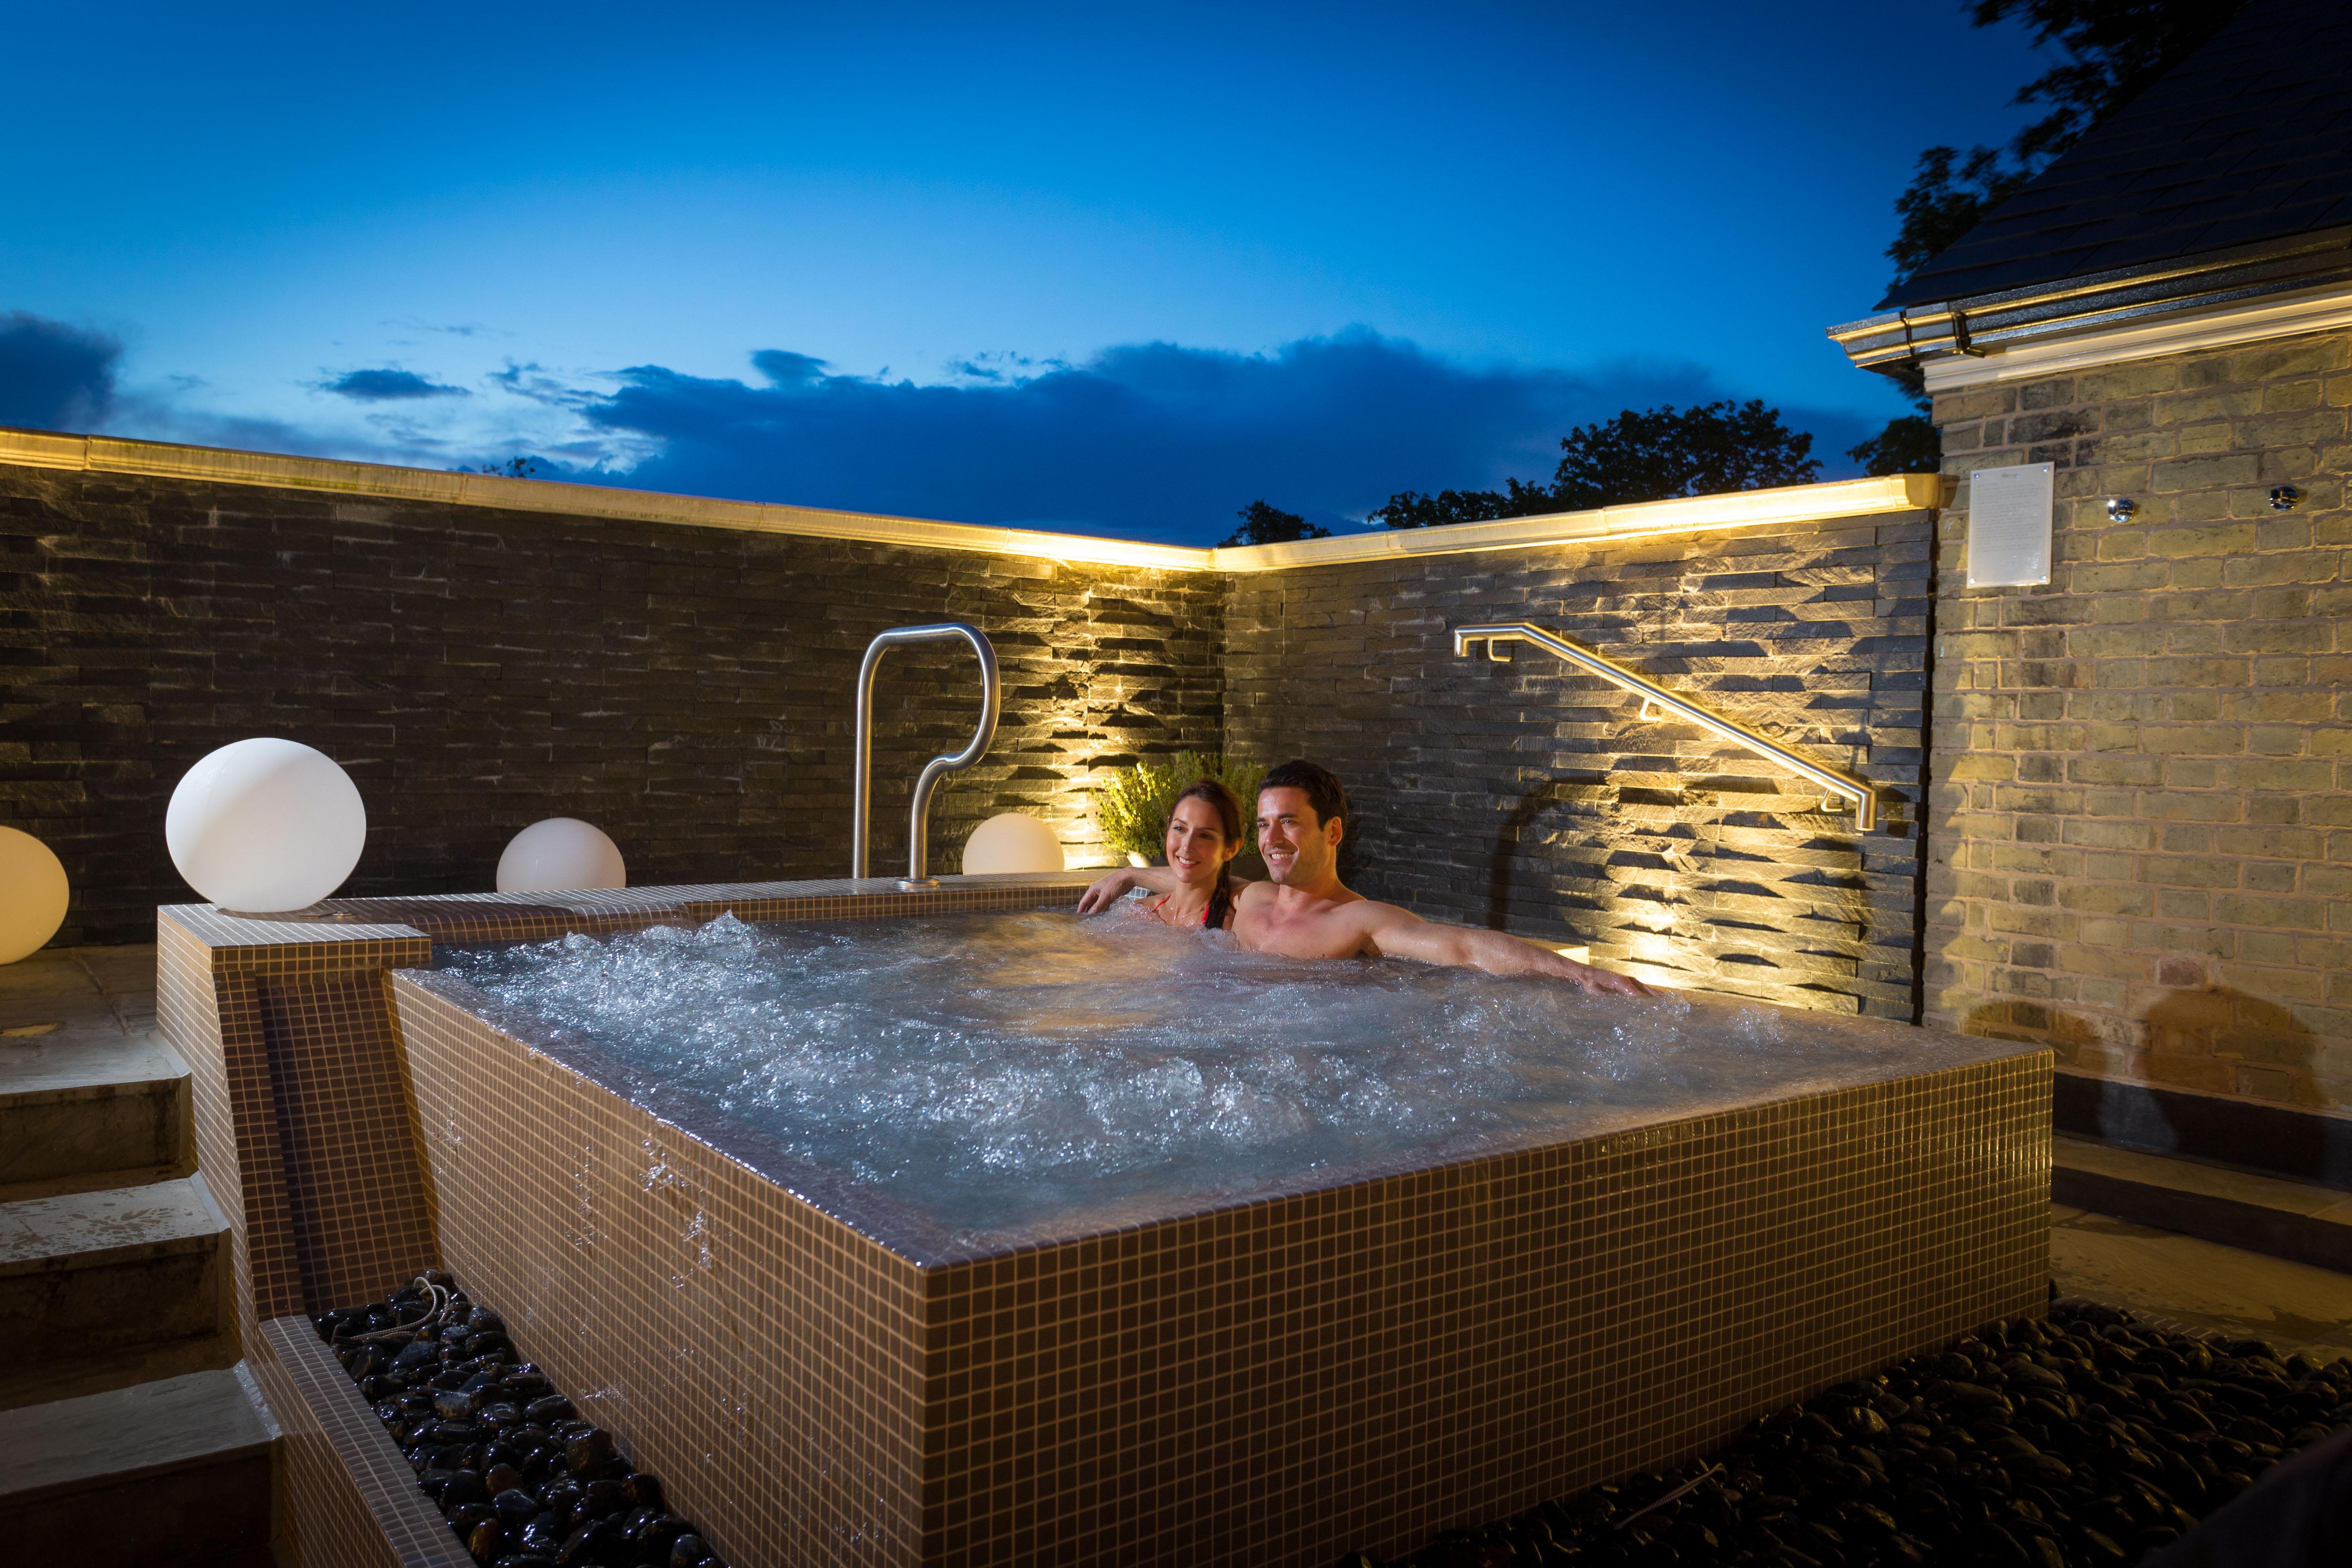 Uk Hotel Private Hot Tub